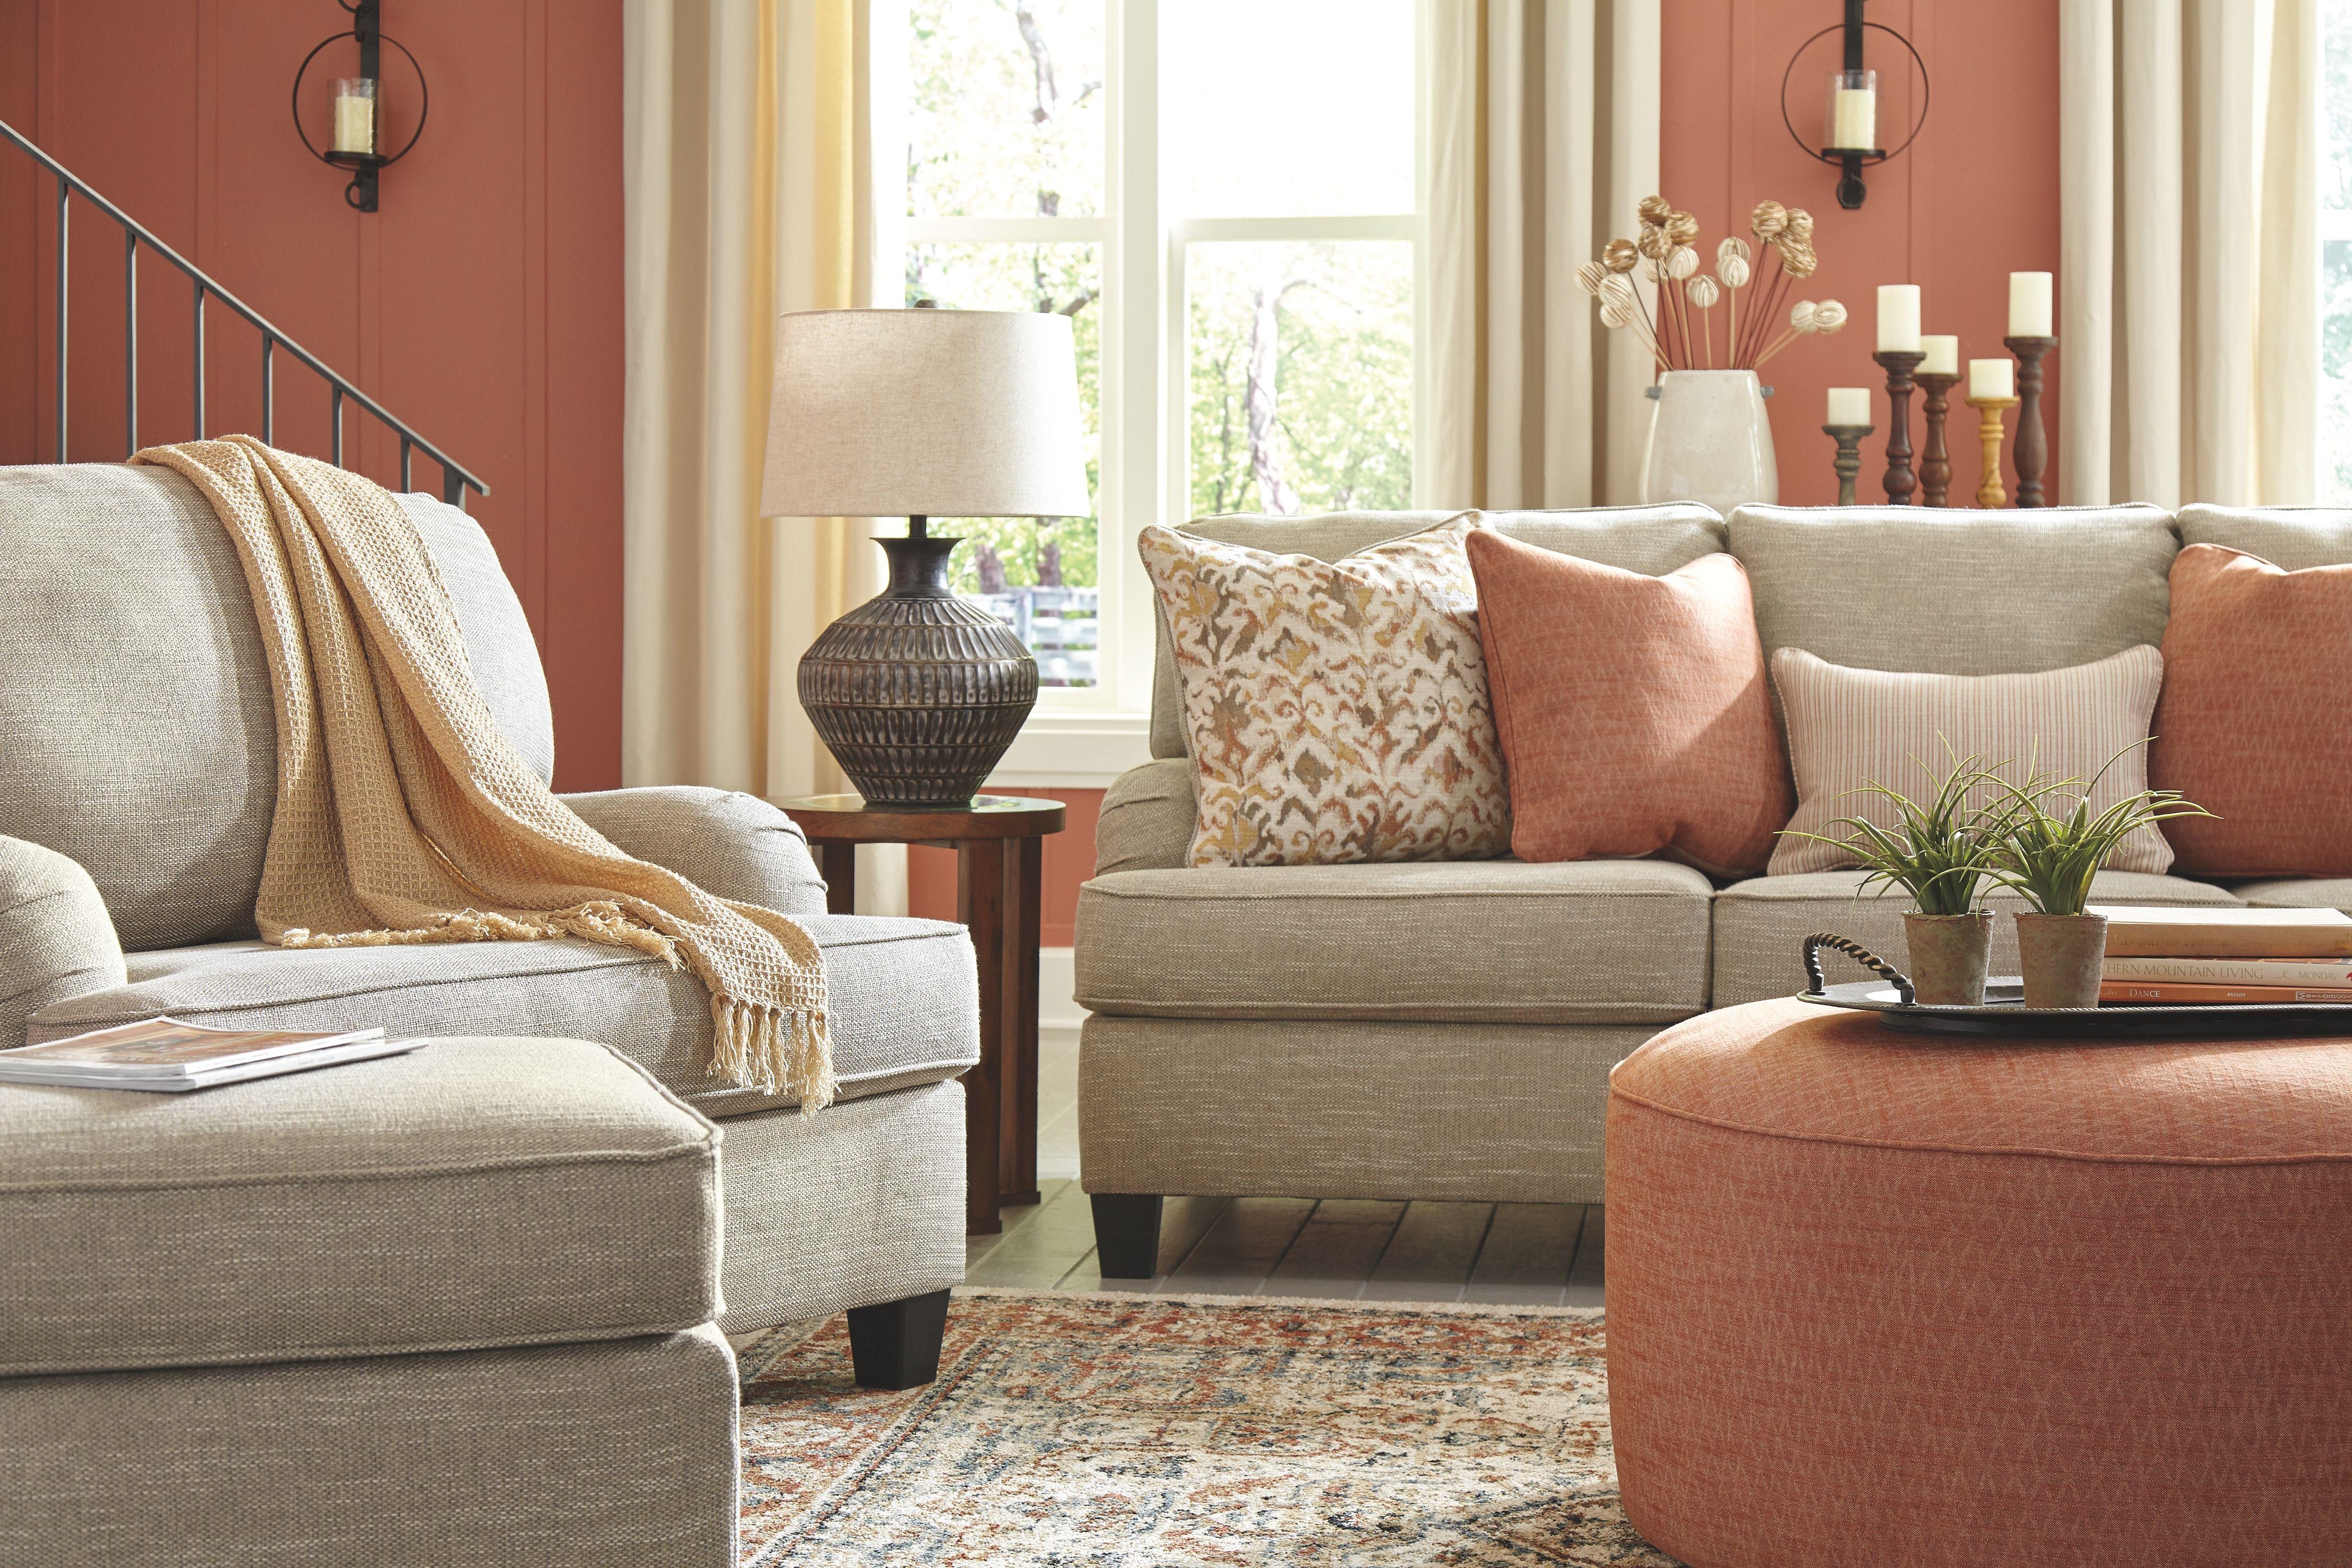 Almanza Oversized Accent Ottoman Ashley Furniture Homestore In 2020 Accent Ottoman Chair And A Half Ottoman #oversized #living #room #chair #with #ottoman